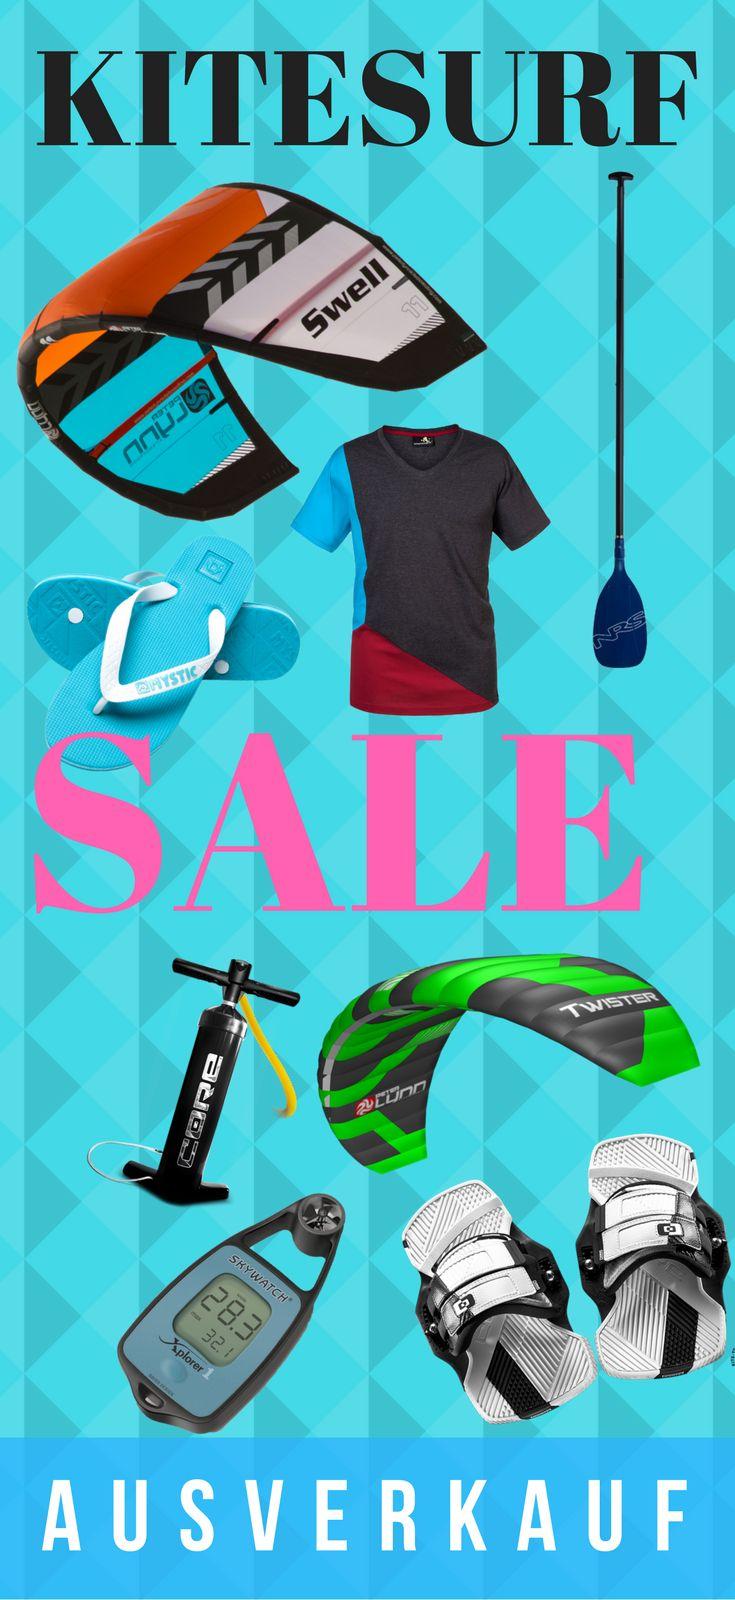 Du bist auf der Suche nach einem Schnäppchen und willst dir deine Kitesurf Sachen im Ausverkauf holen? Dann bist du hier richtig. Hol dir jetzt dein neues Kiteboard, deinen Kite oder deinen Neopren im Online Shop mit dem Super Abverkauf Rabatt. #kitesurf #sale